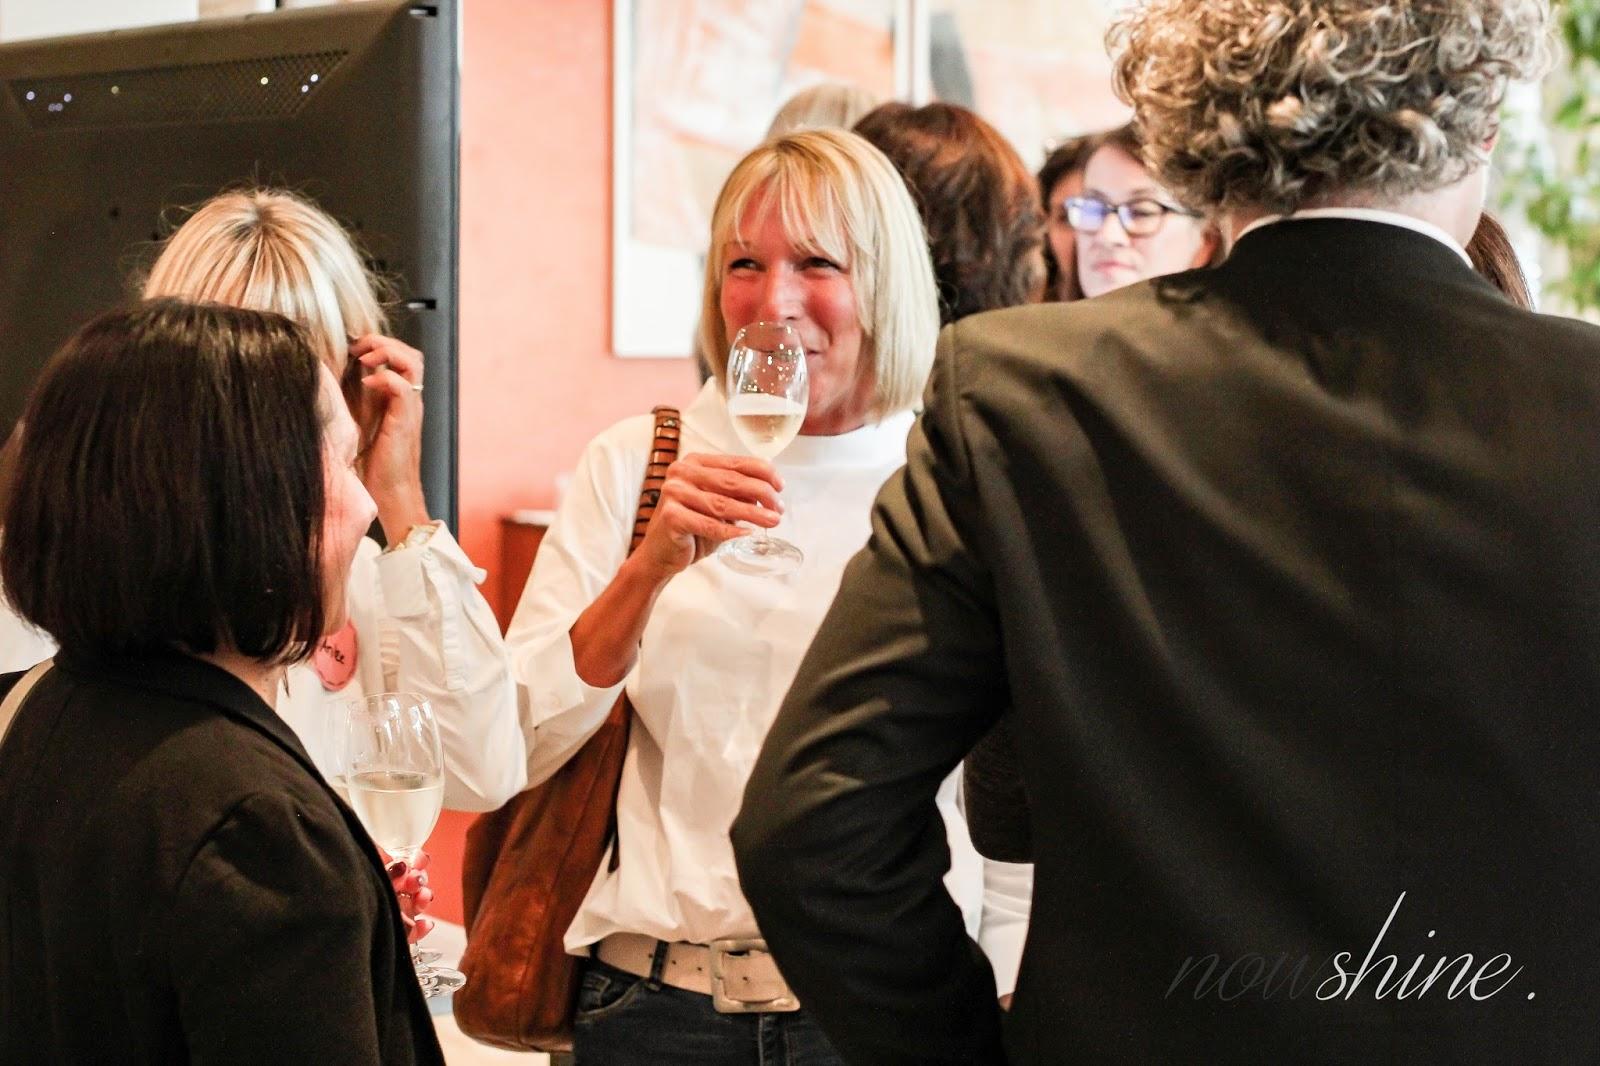 Frauen lachen und unterhalten sich miteinander bei einem Glas Procecoo